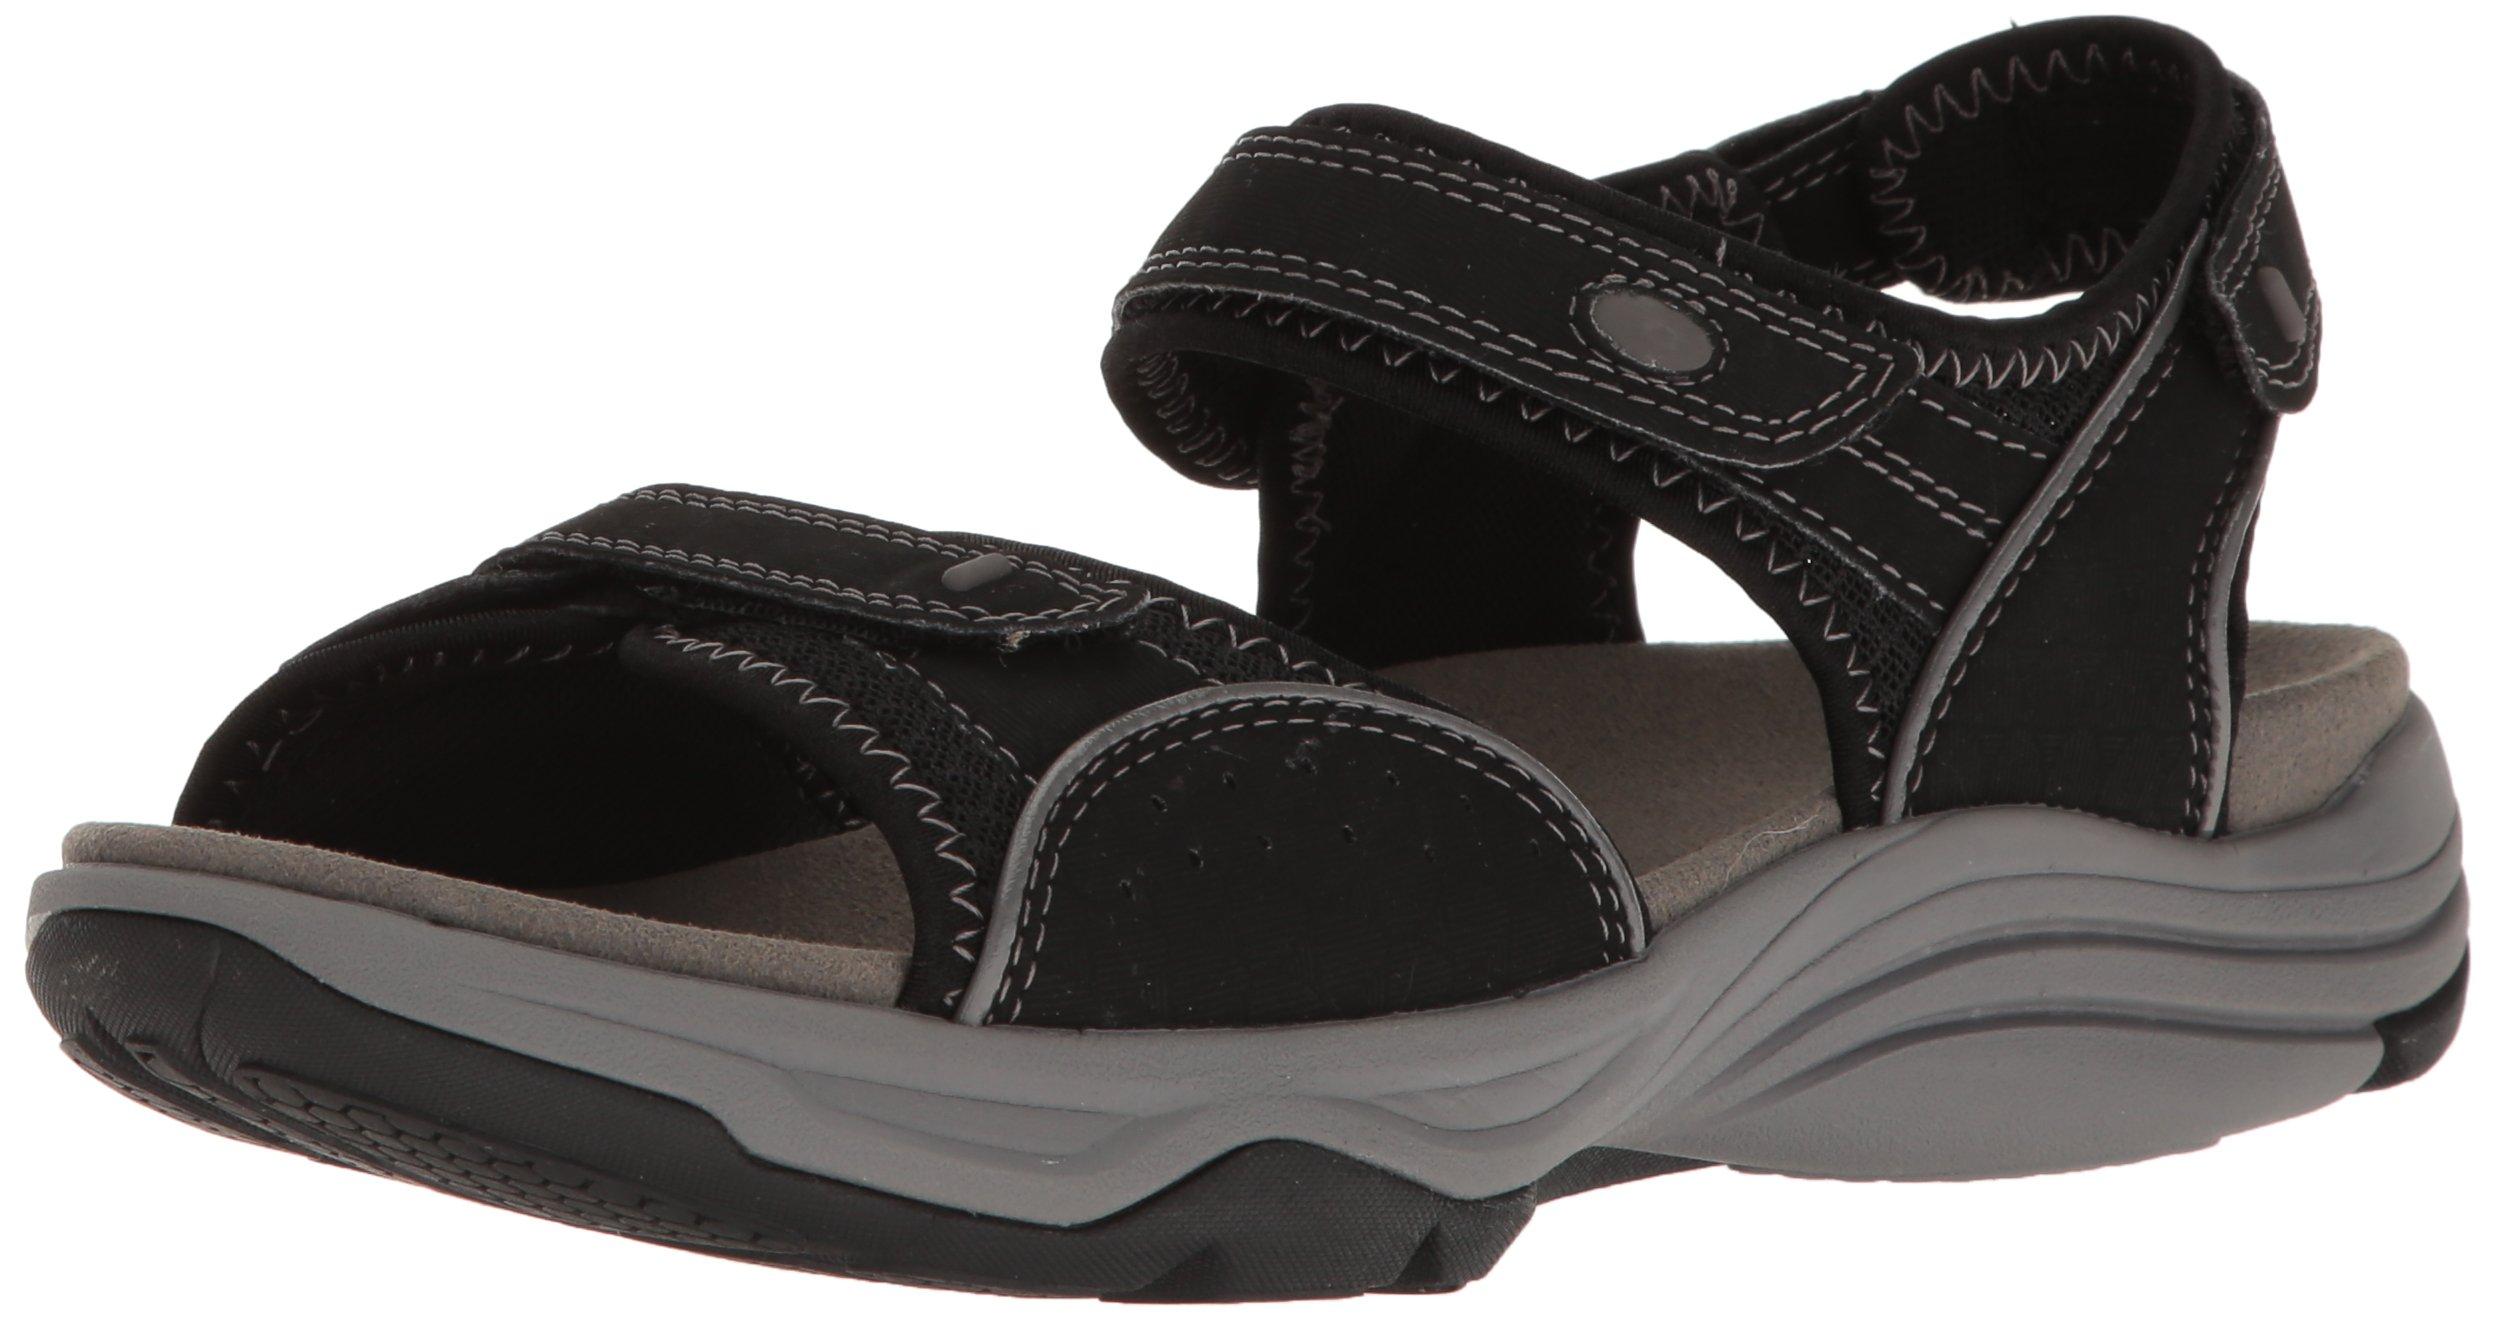 CLARKS Women's Wave Grip Black Synthetic Sandal (9 D US)